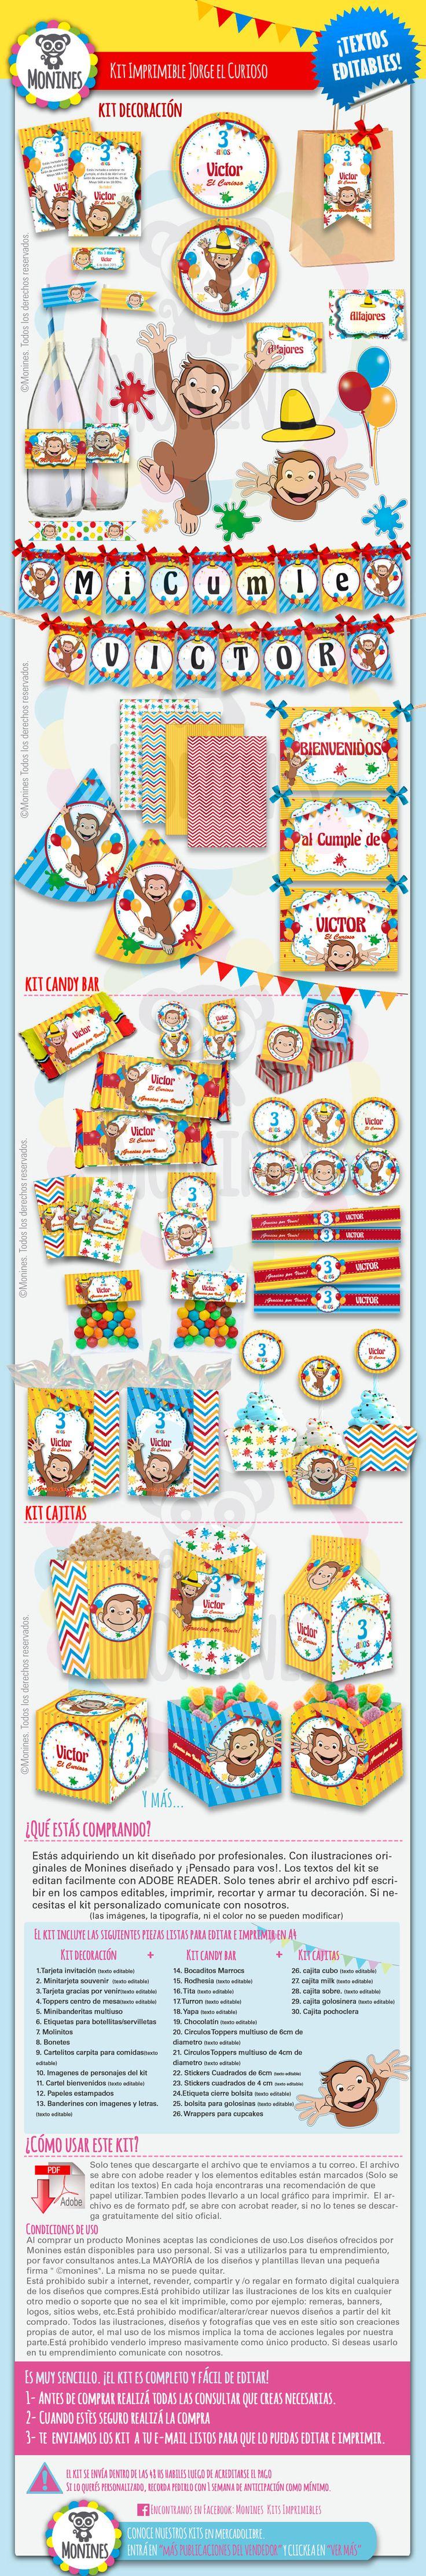 Kit Imprimible Jorge El Curioso Monito ¡textos Editables! - $ 120,00 en MercadoLibre